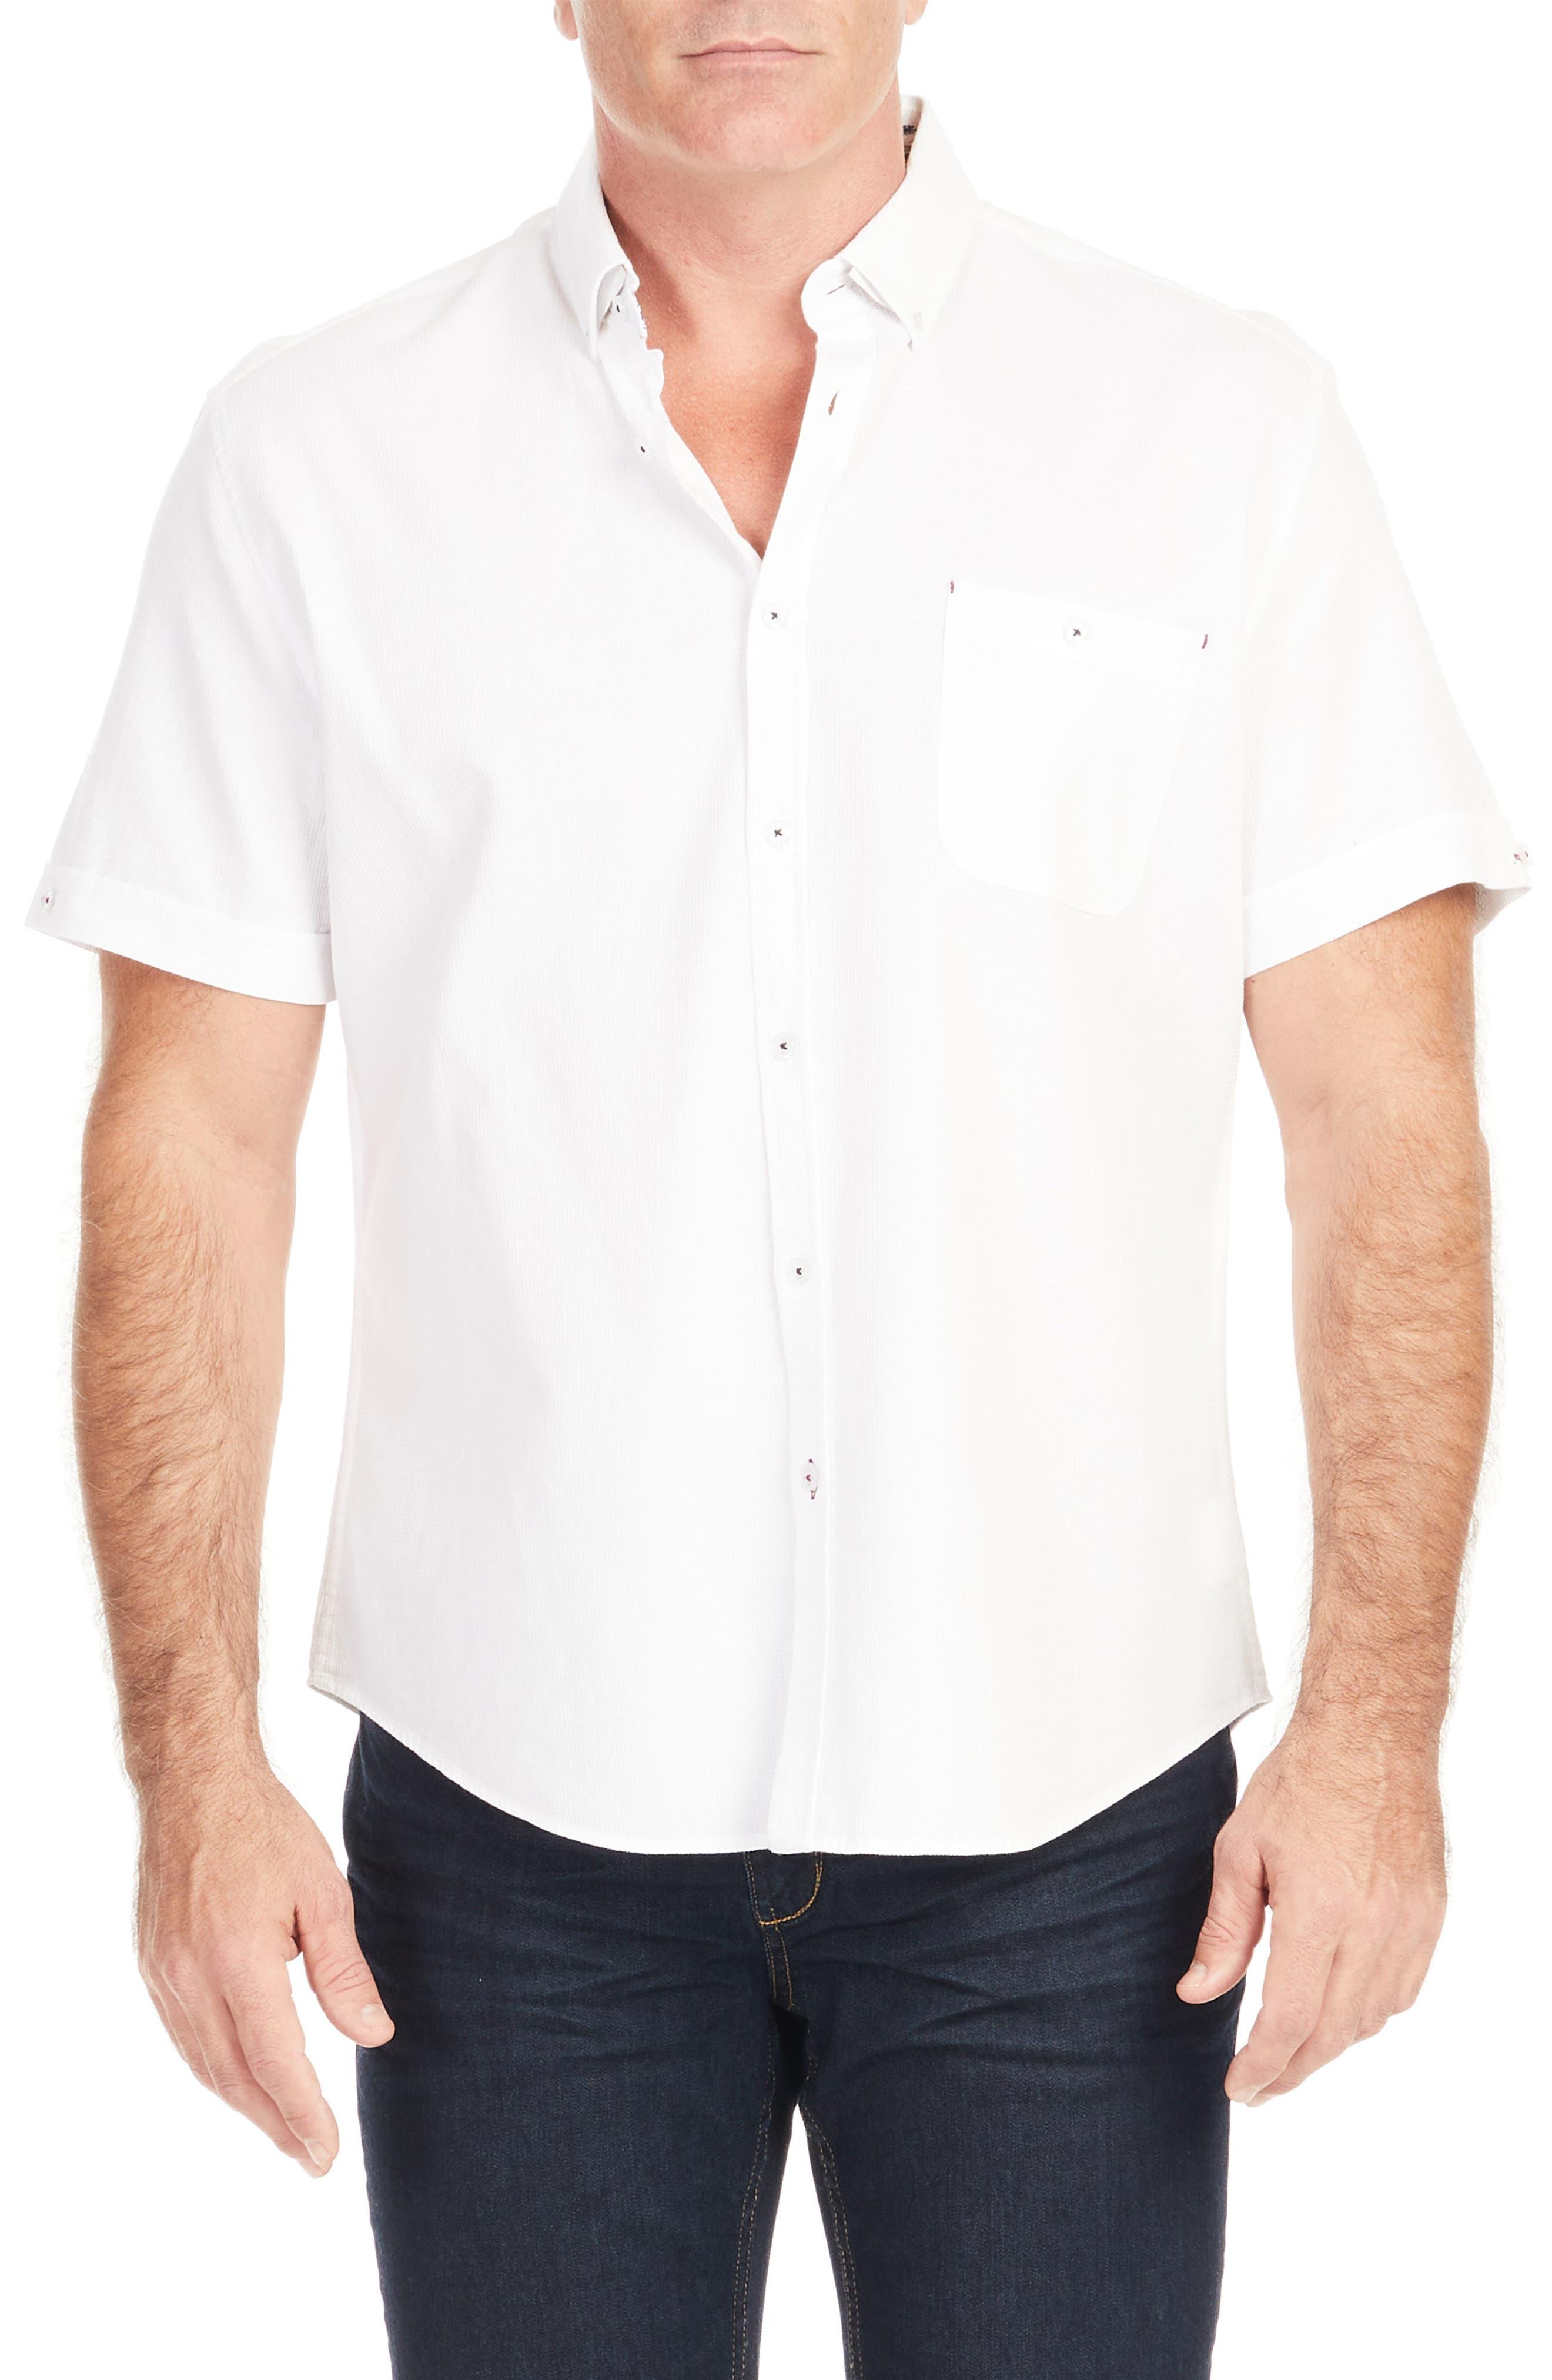 Rodney Textured Short Sleeve Button-Down Shirt